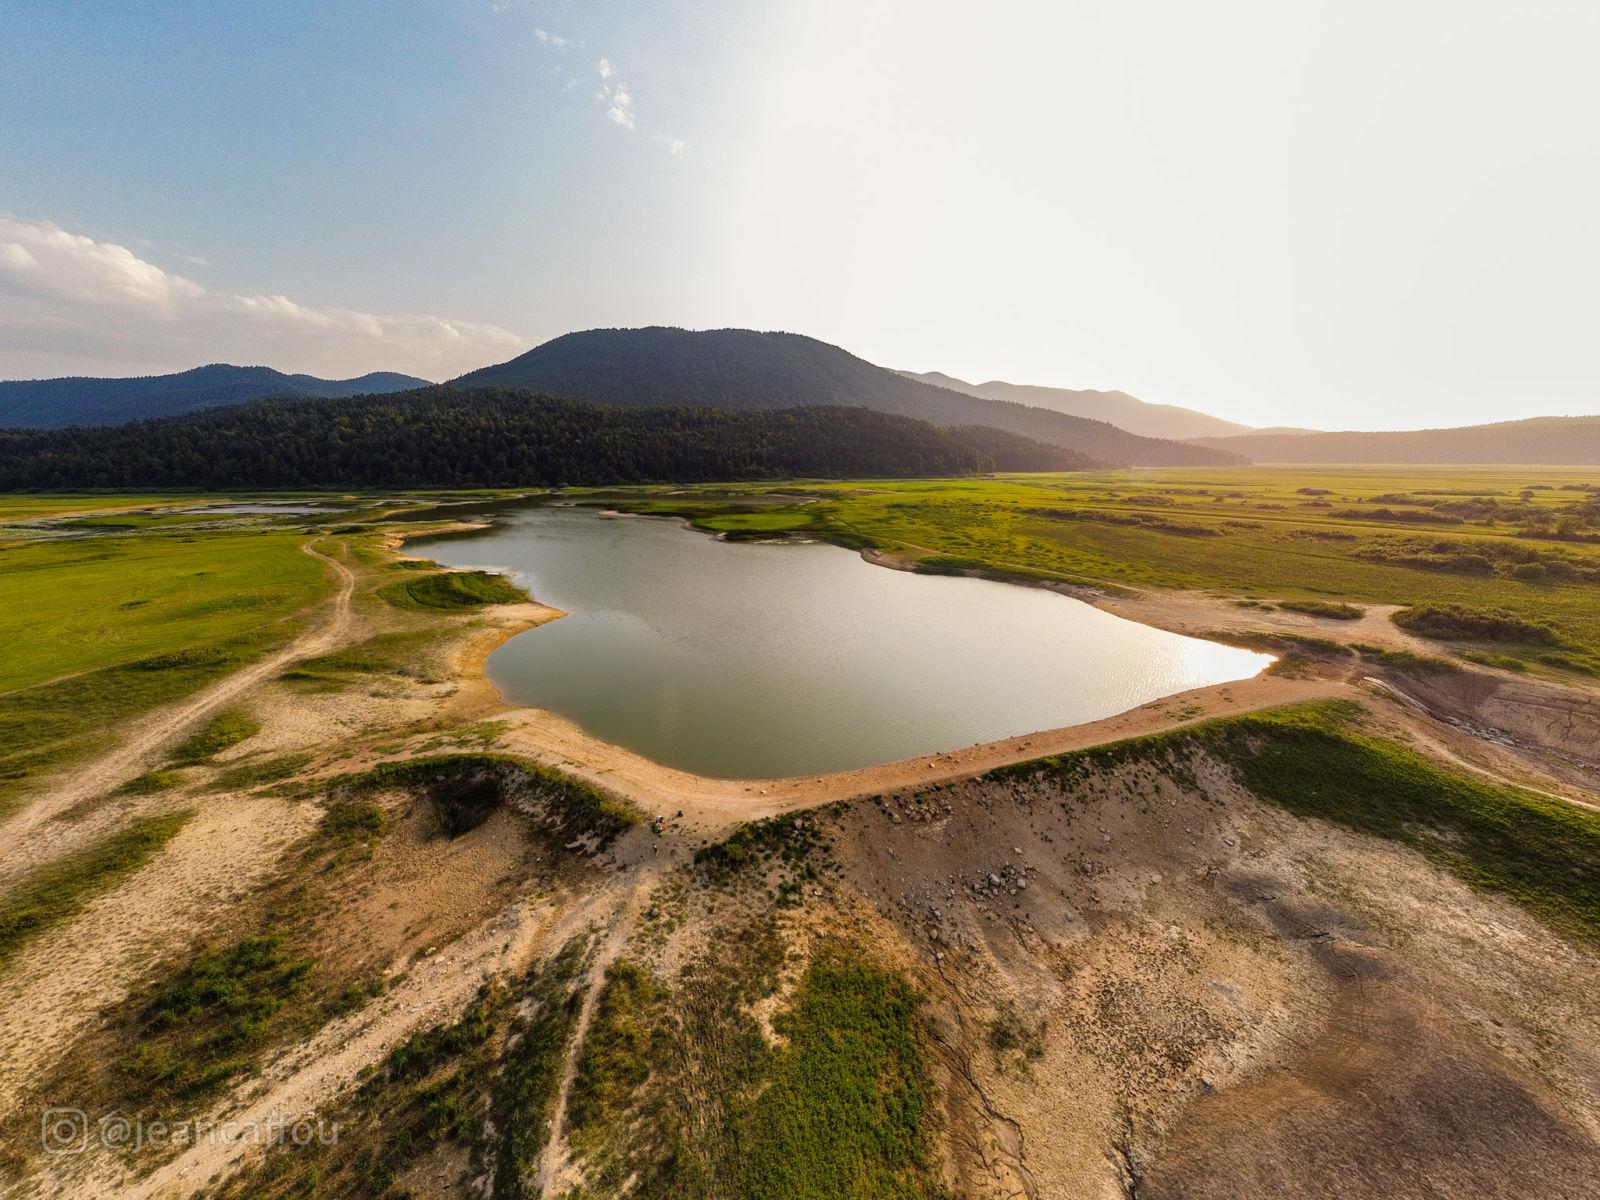 Umetno jezero v obdobju suše - Cerkniško polje